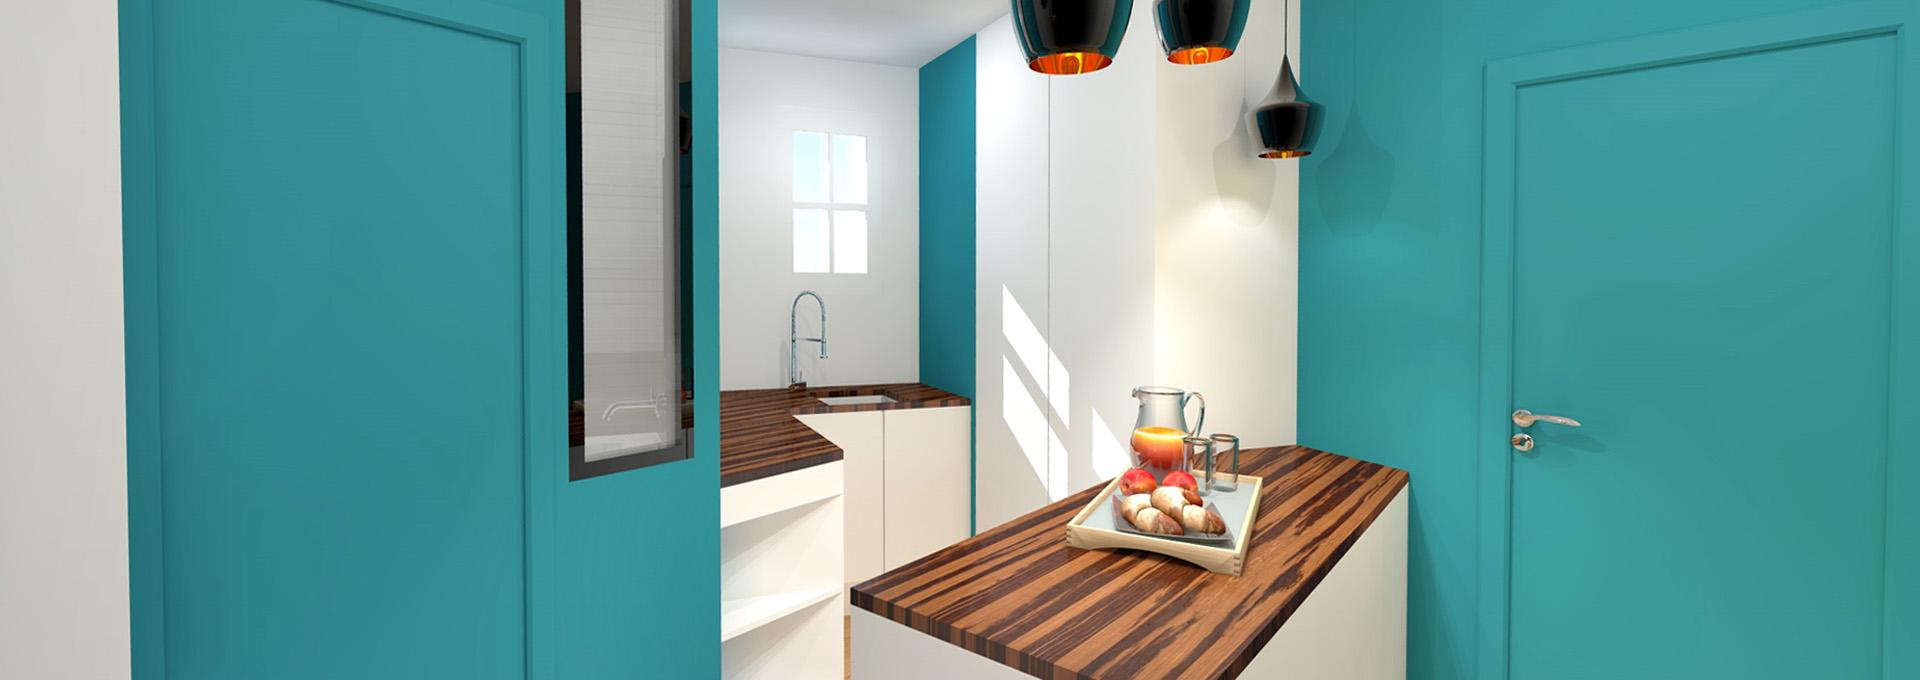 am nagement gain de place suppression couloir pour cuisine petit appartement. Black Bedroom Furniture Sets. Home Design Ideas